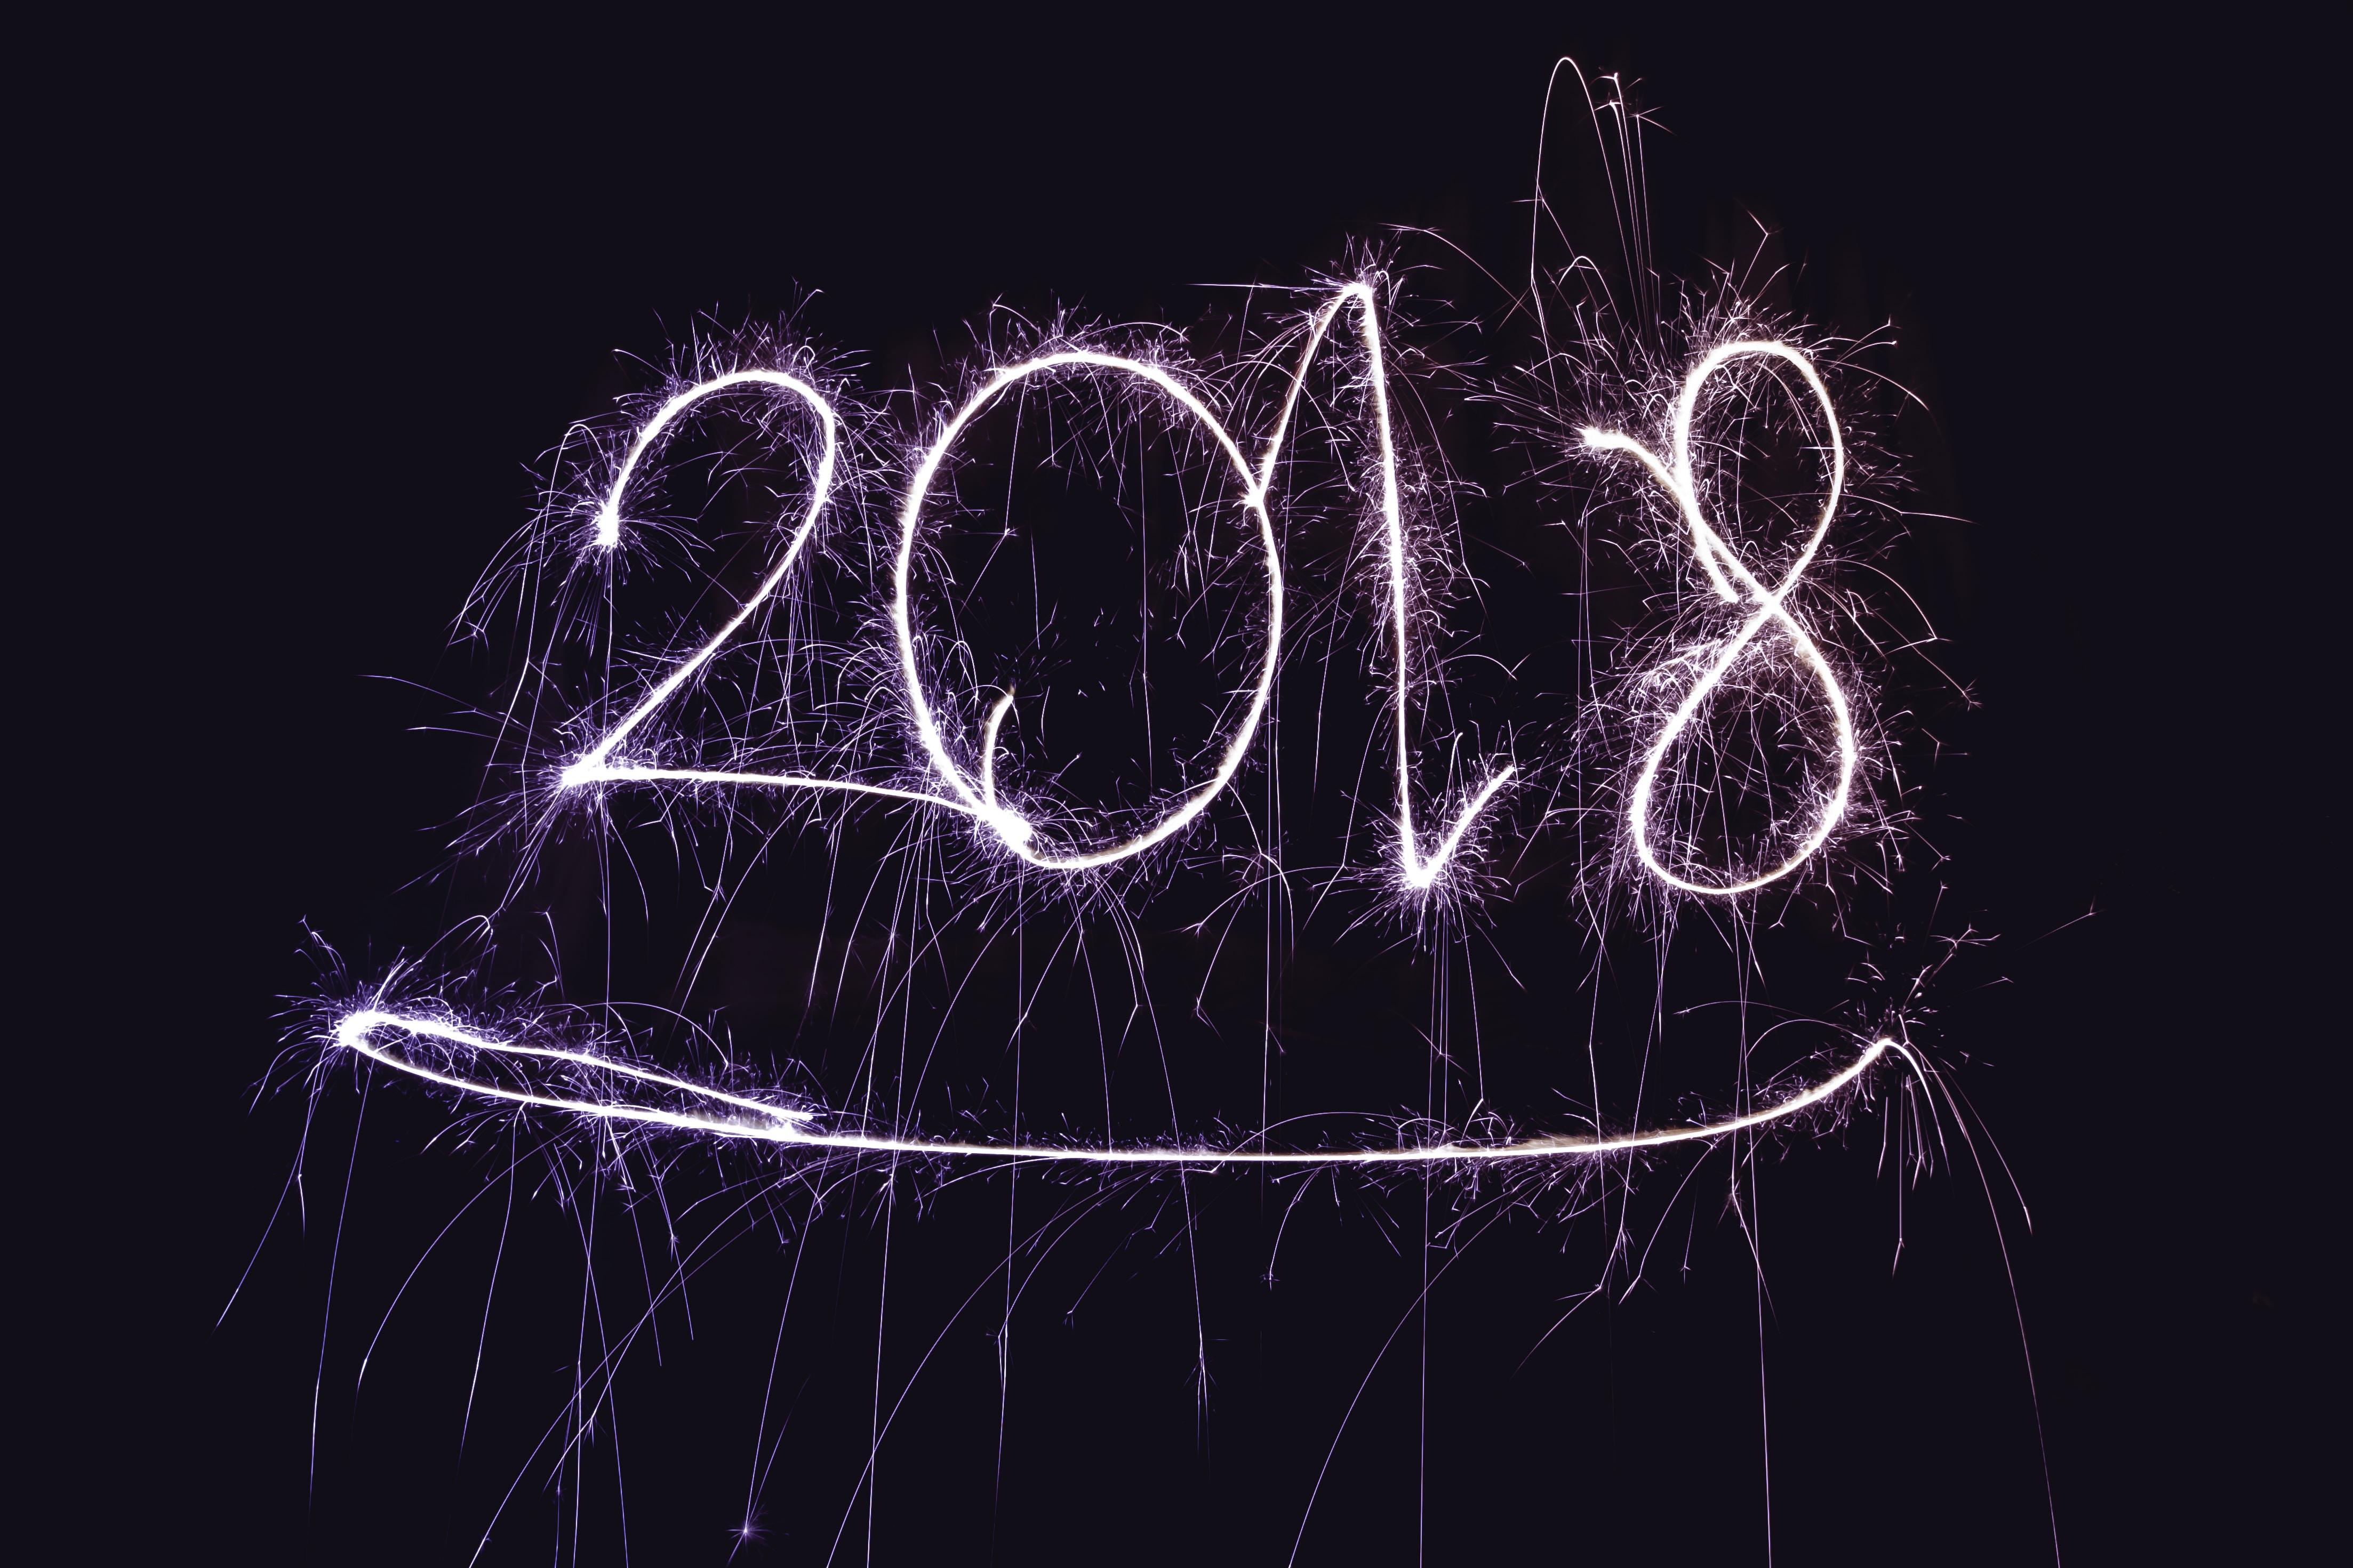 鲁迅先生对2018年有看法